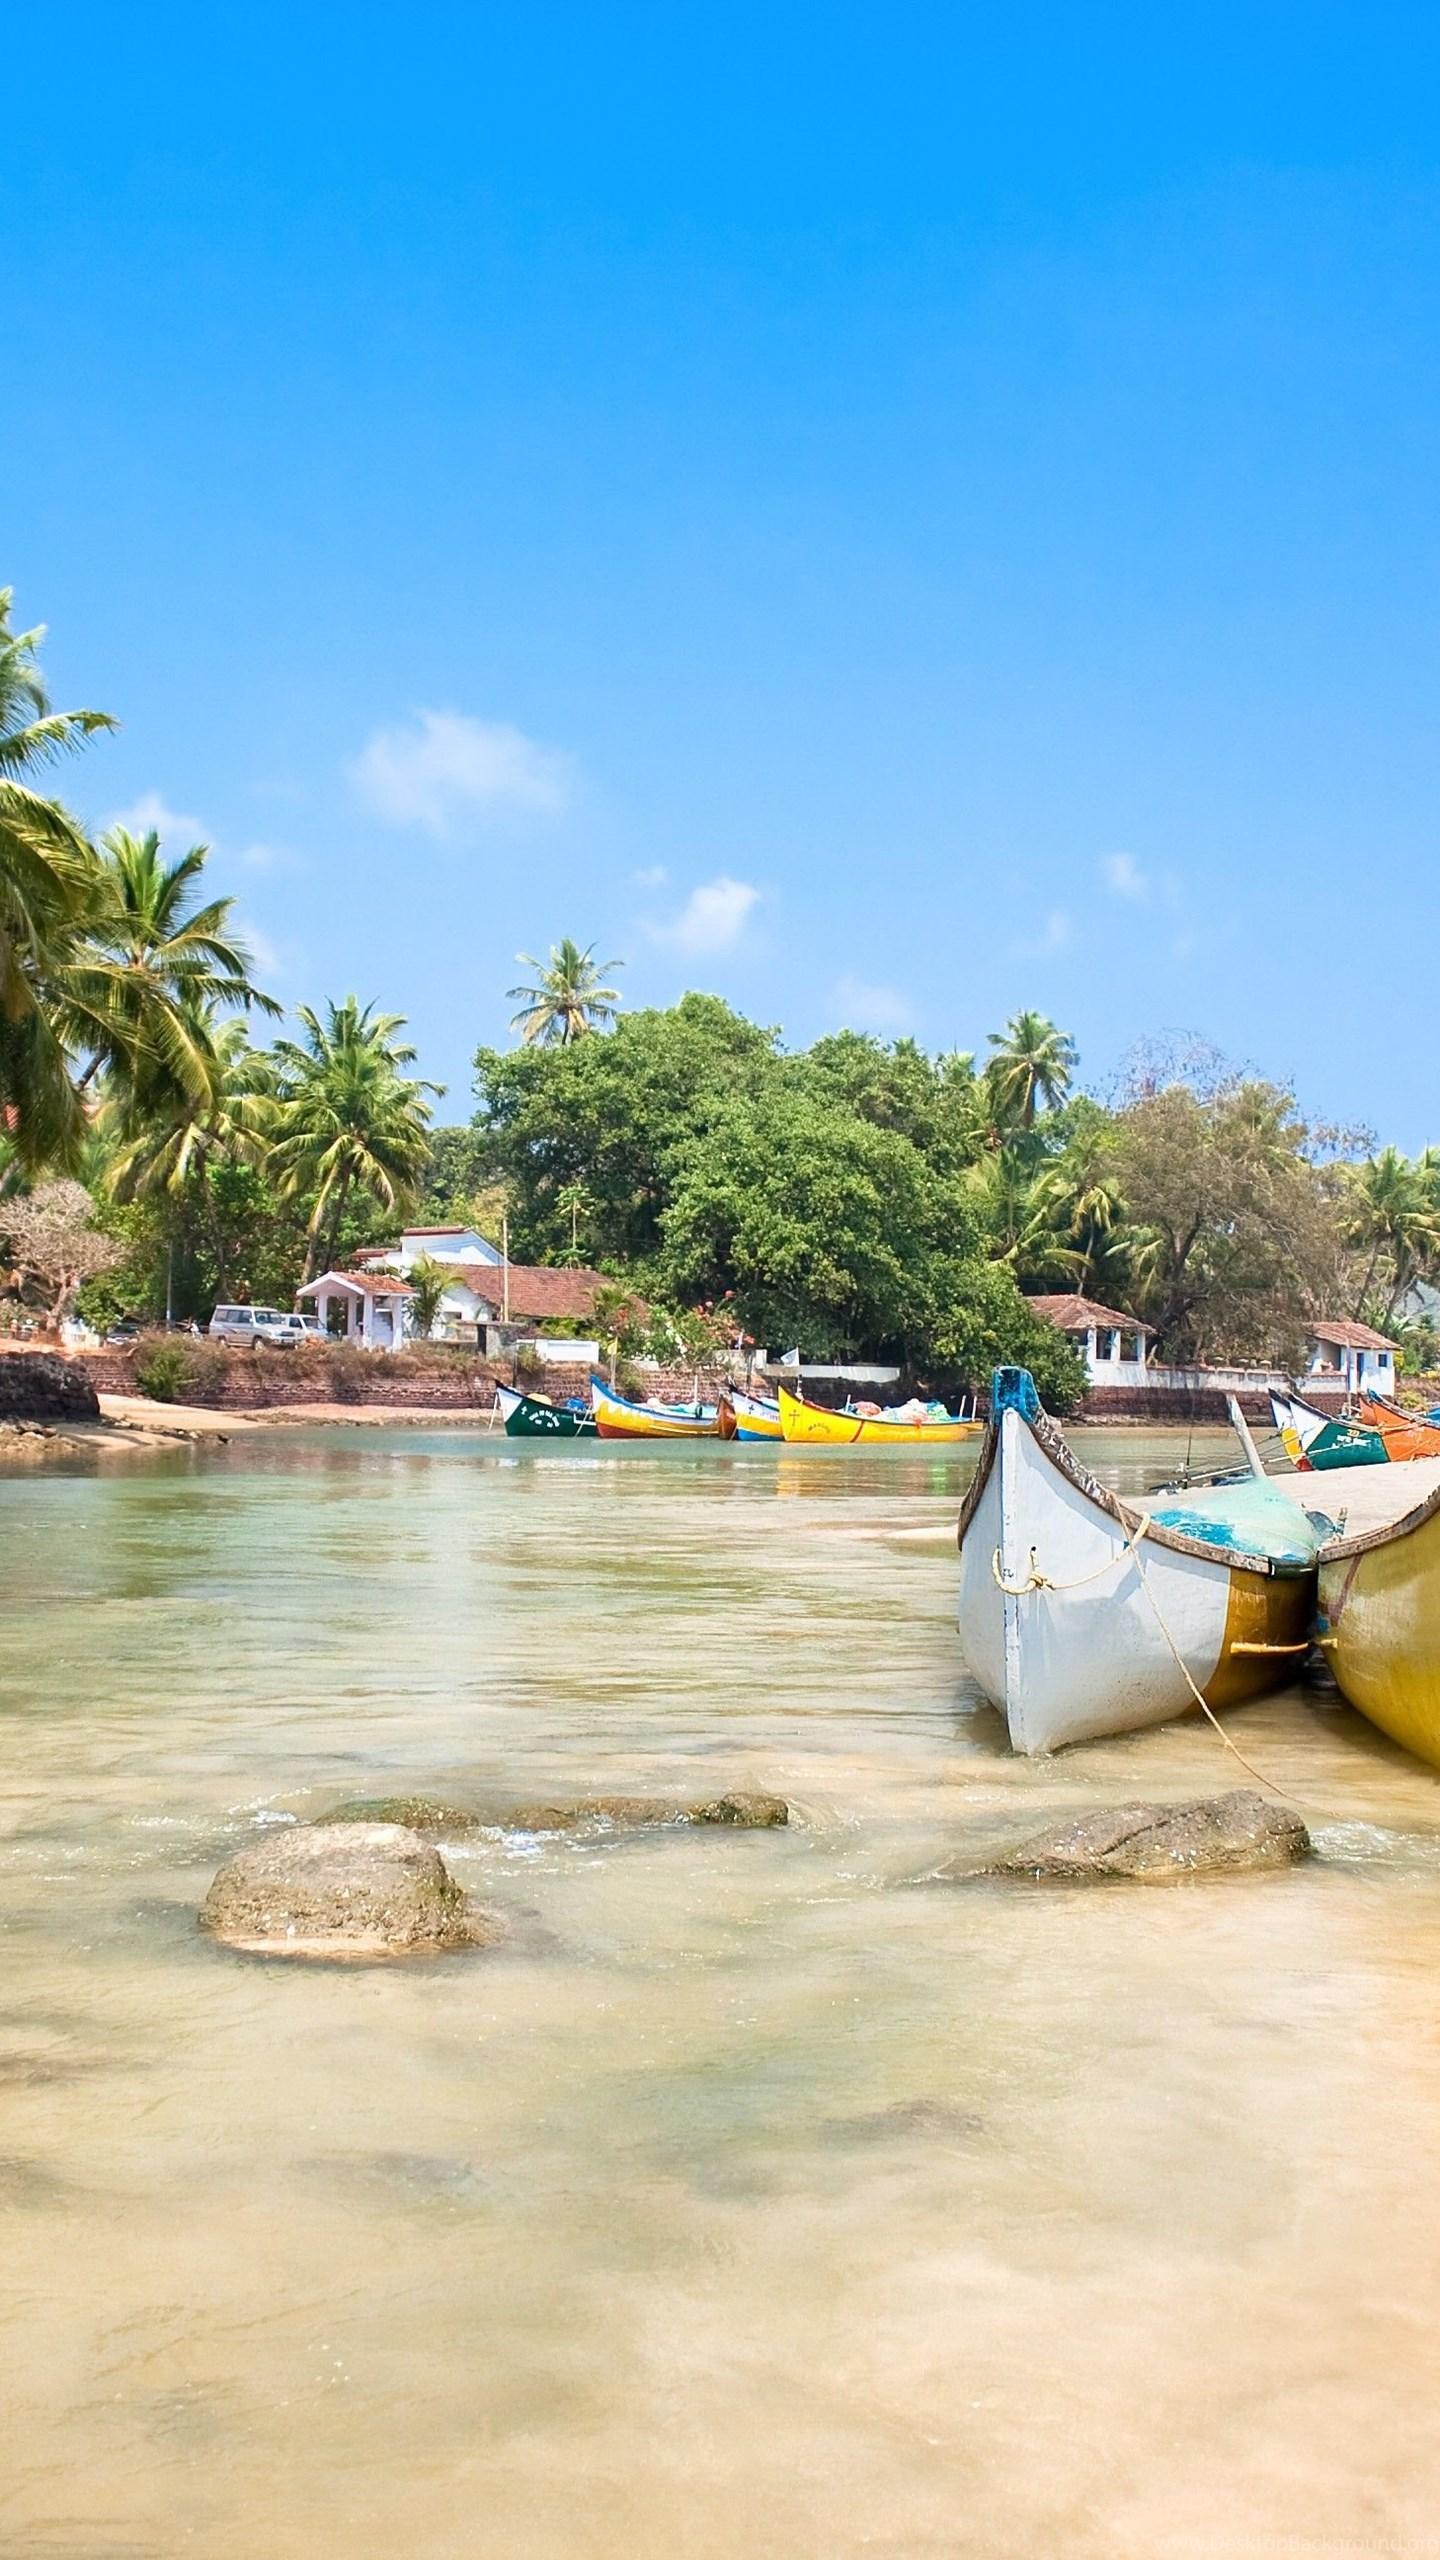 Goa Wallpaper Nature Water Goa India Indian Ocean Palms Desktop Background